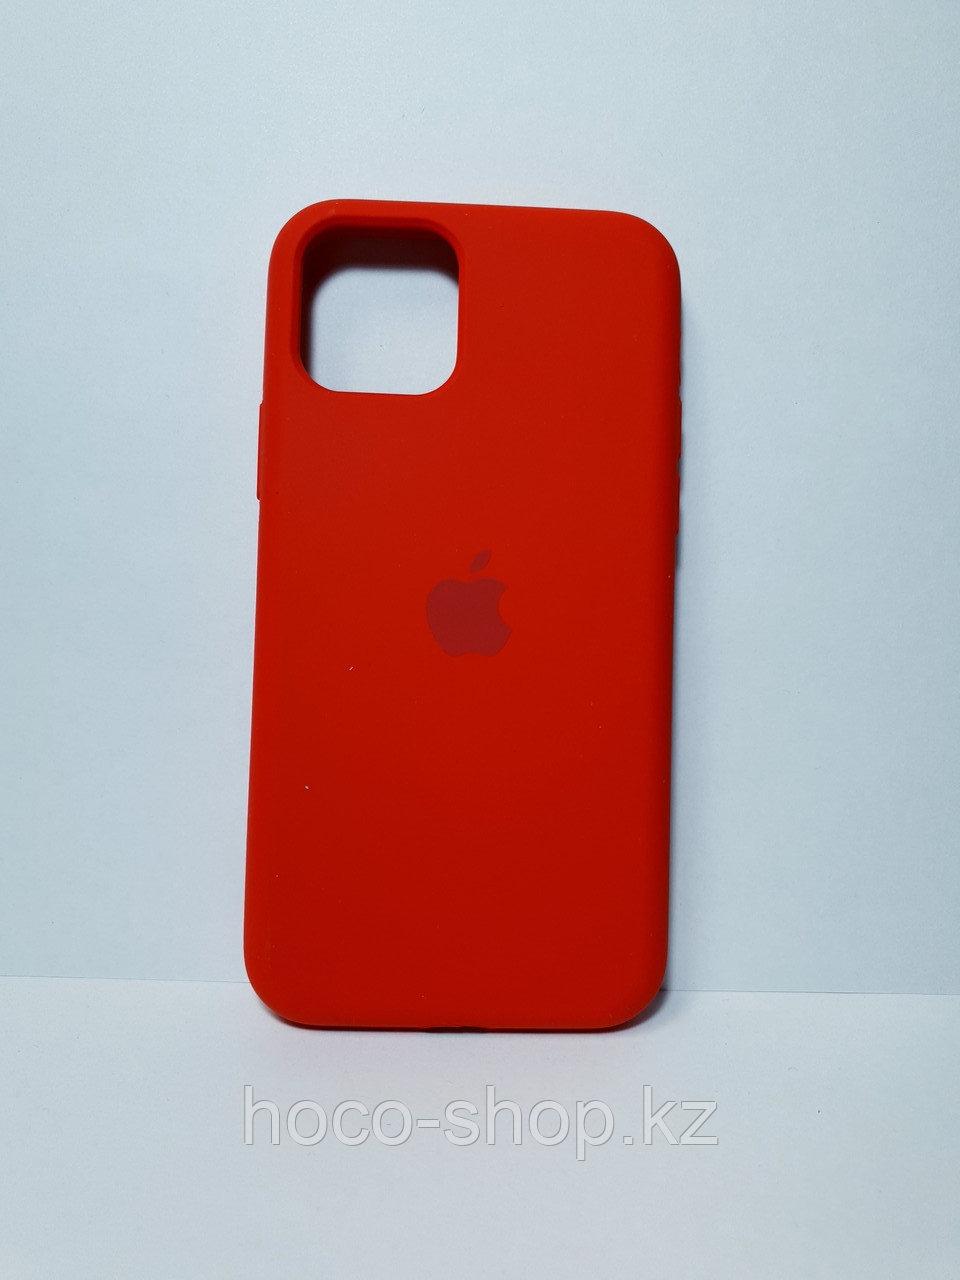 Защитный чехол для iPhone 11 Pro Soft Touch силиконовый, красный